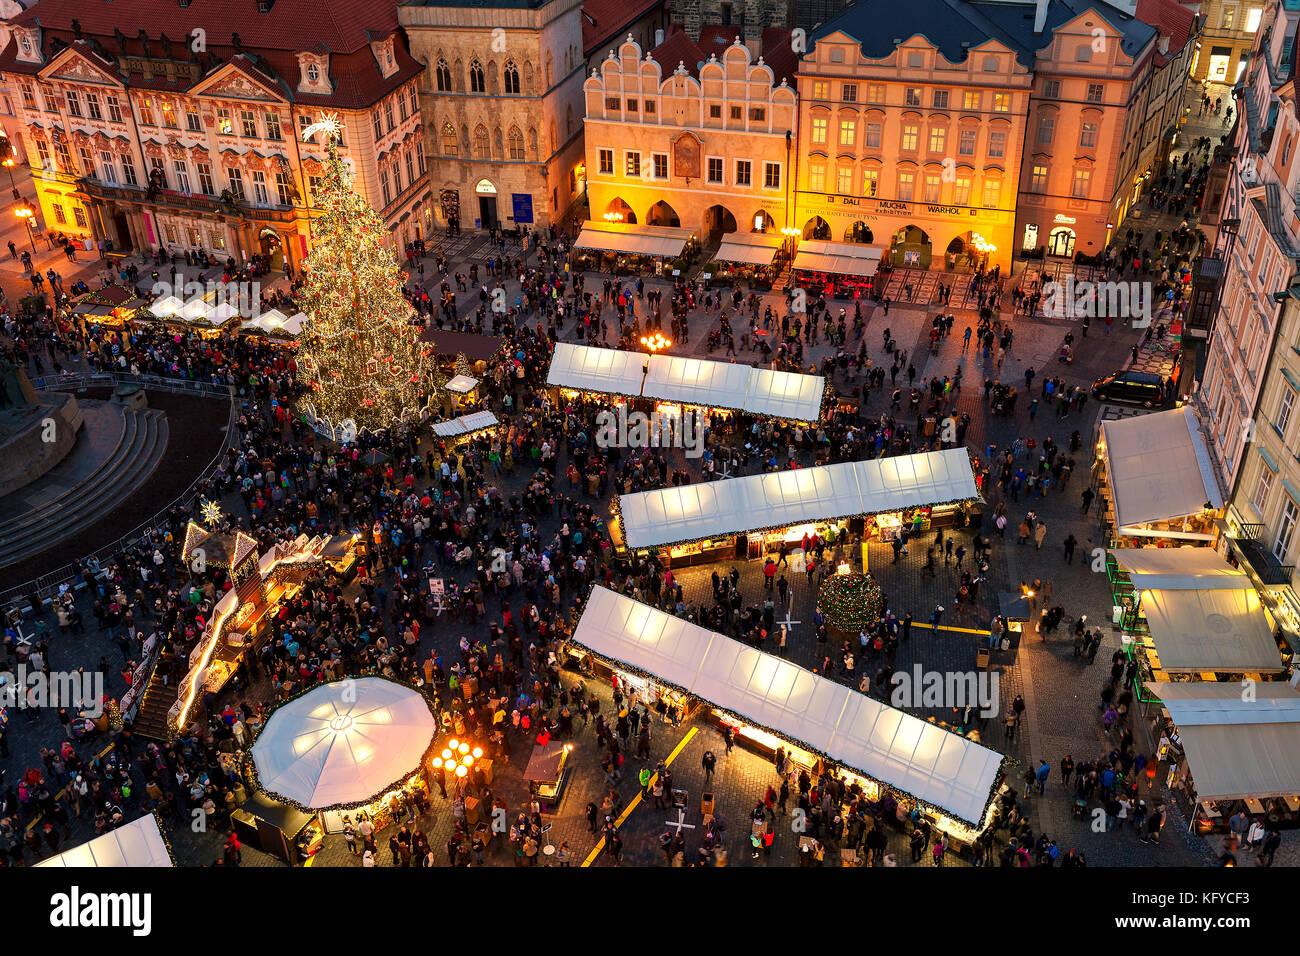 PRAGUE, RÉPUBLIQUE TCHÈQUE - le 11 décembre 2016: Vue de dessus sur le célèbre marché Photo Stock